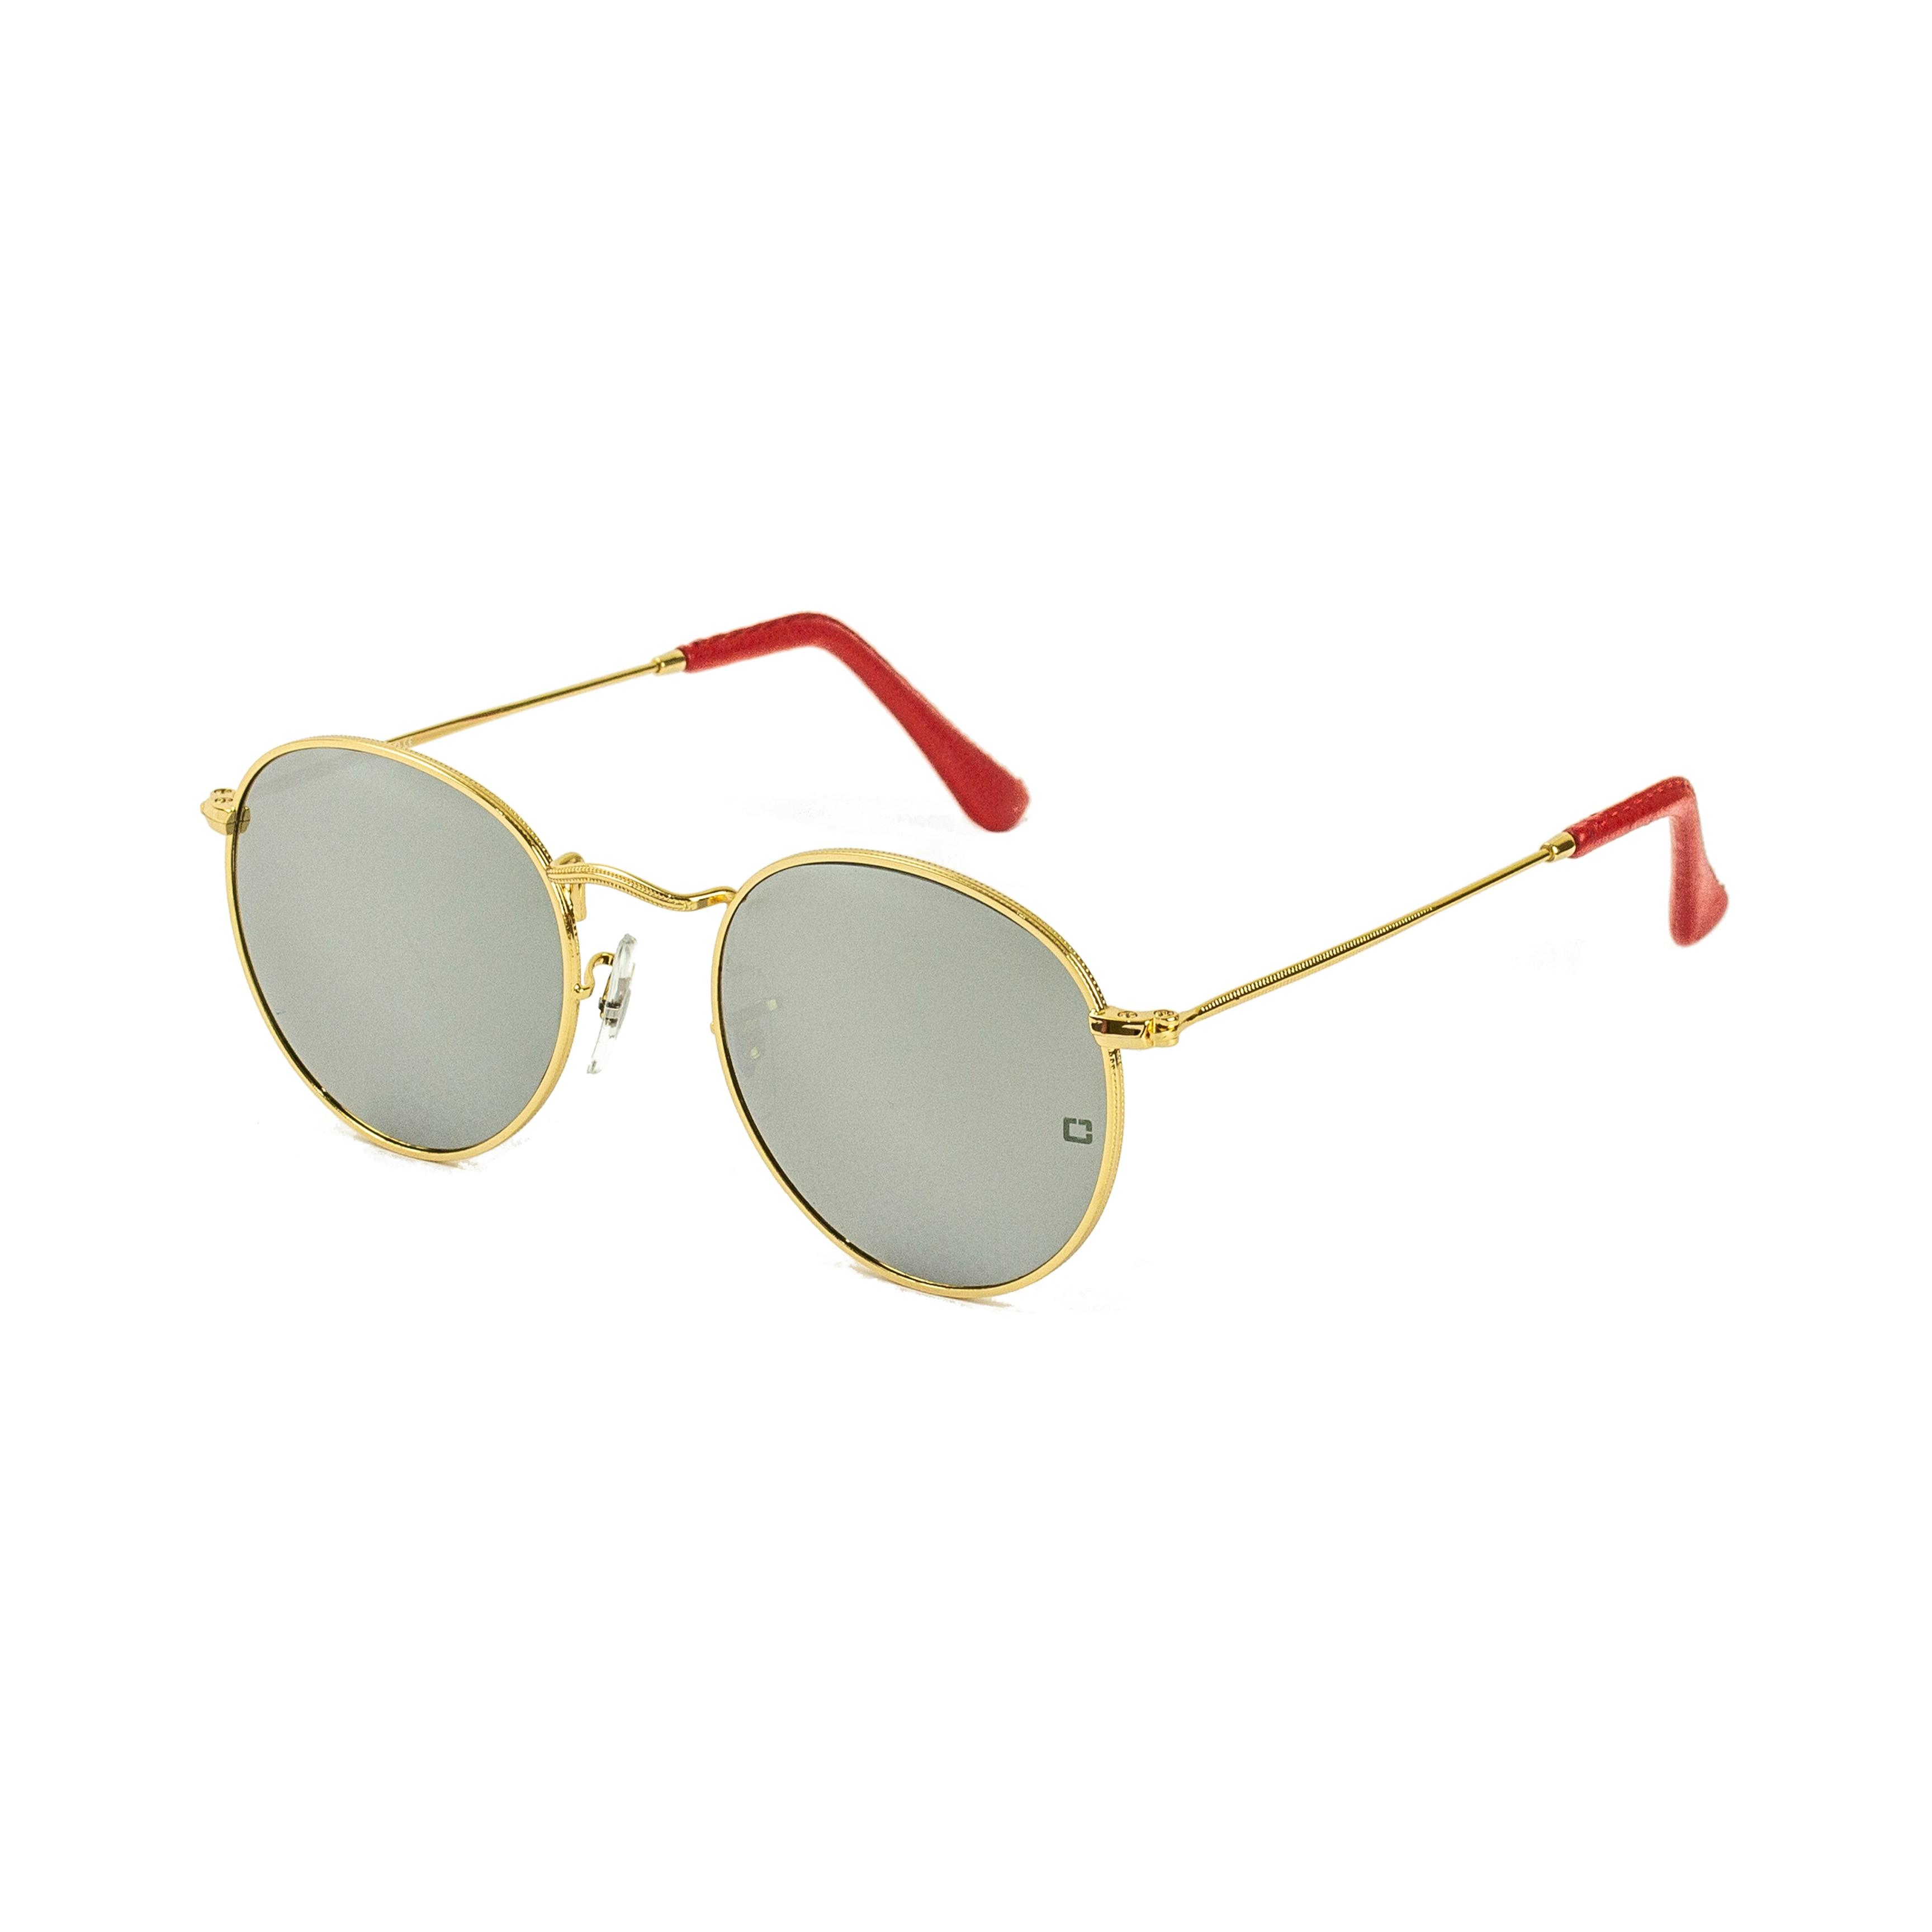 Zolo очки новый дизайн rayban стиль Кристальные серебряные зеркальные линзы uv400 круглый Люкс Мужские солнцезащитные очки леди gafas кожа терминал